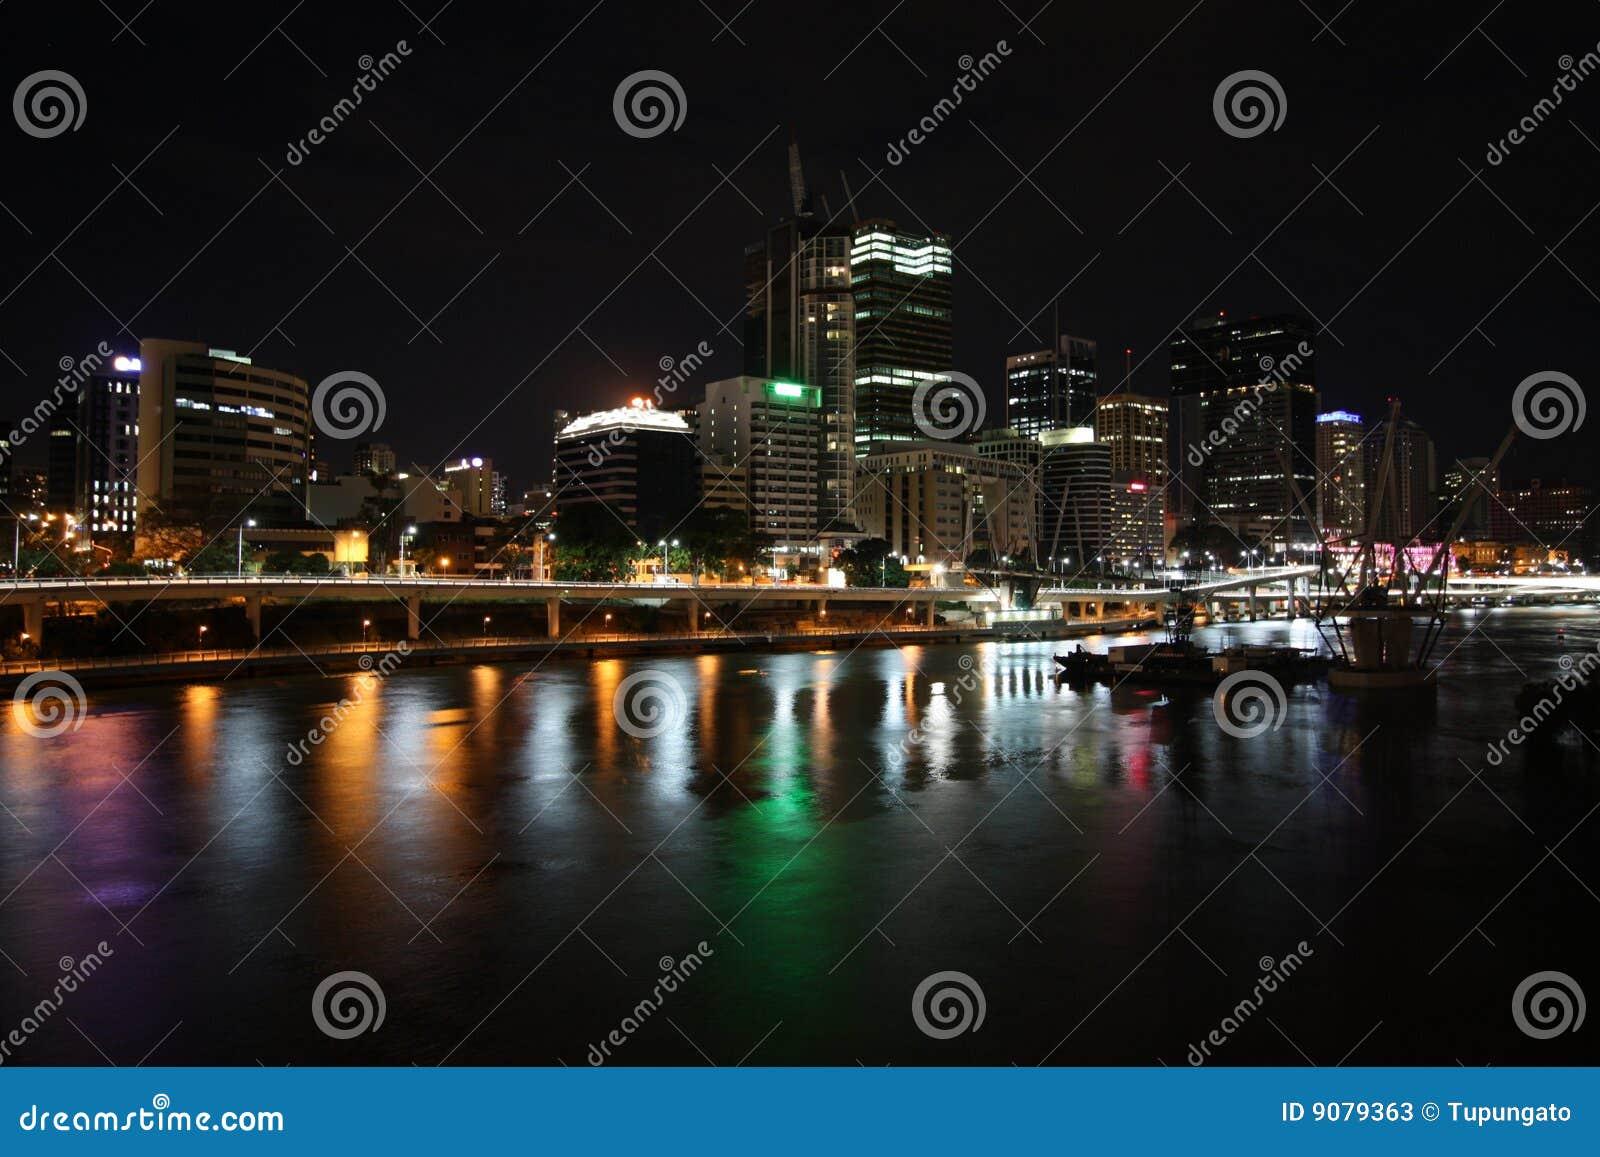 Date night porn in Brisbane